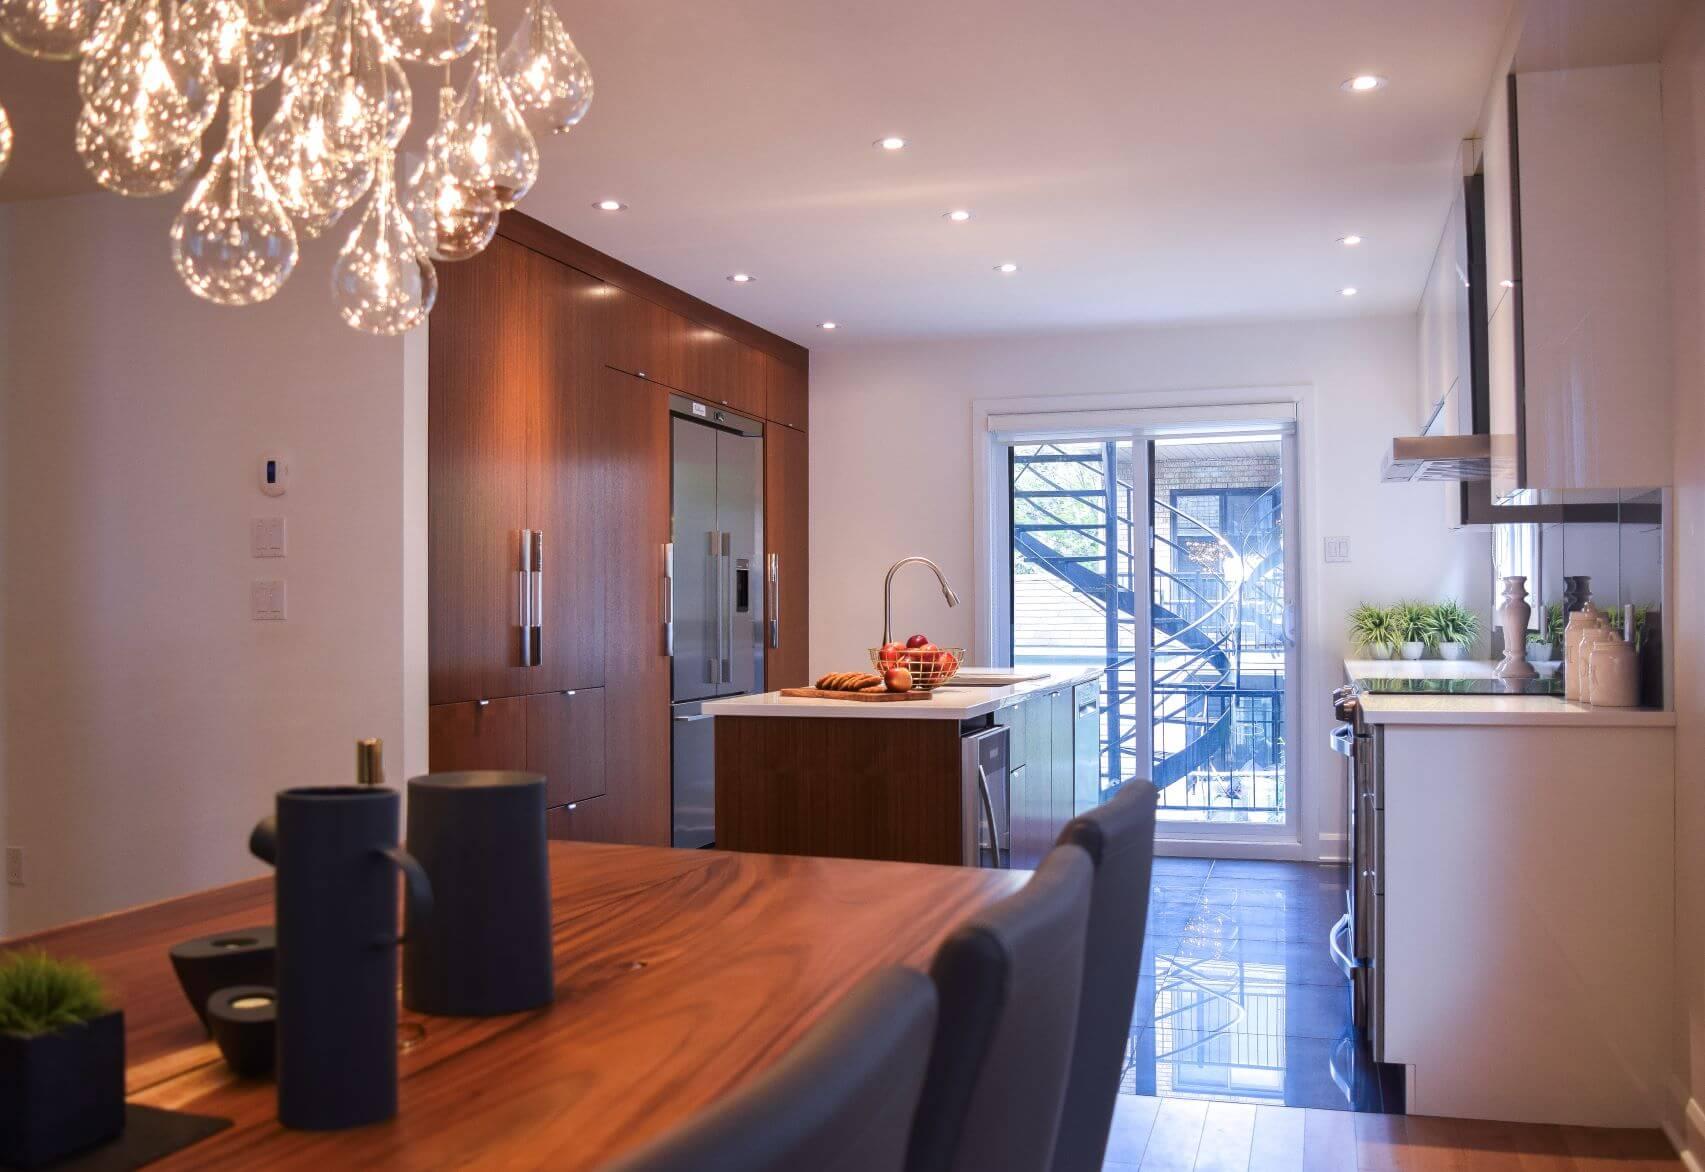 Design Salon Salle A Manger cuisine, salle à manger, salon - la zone design